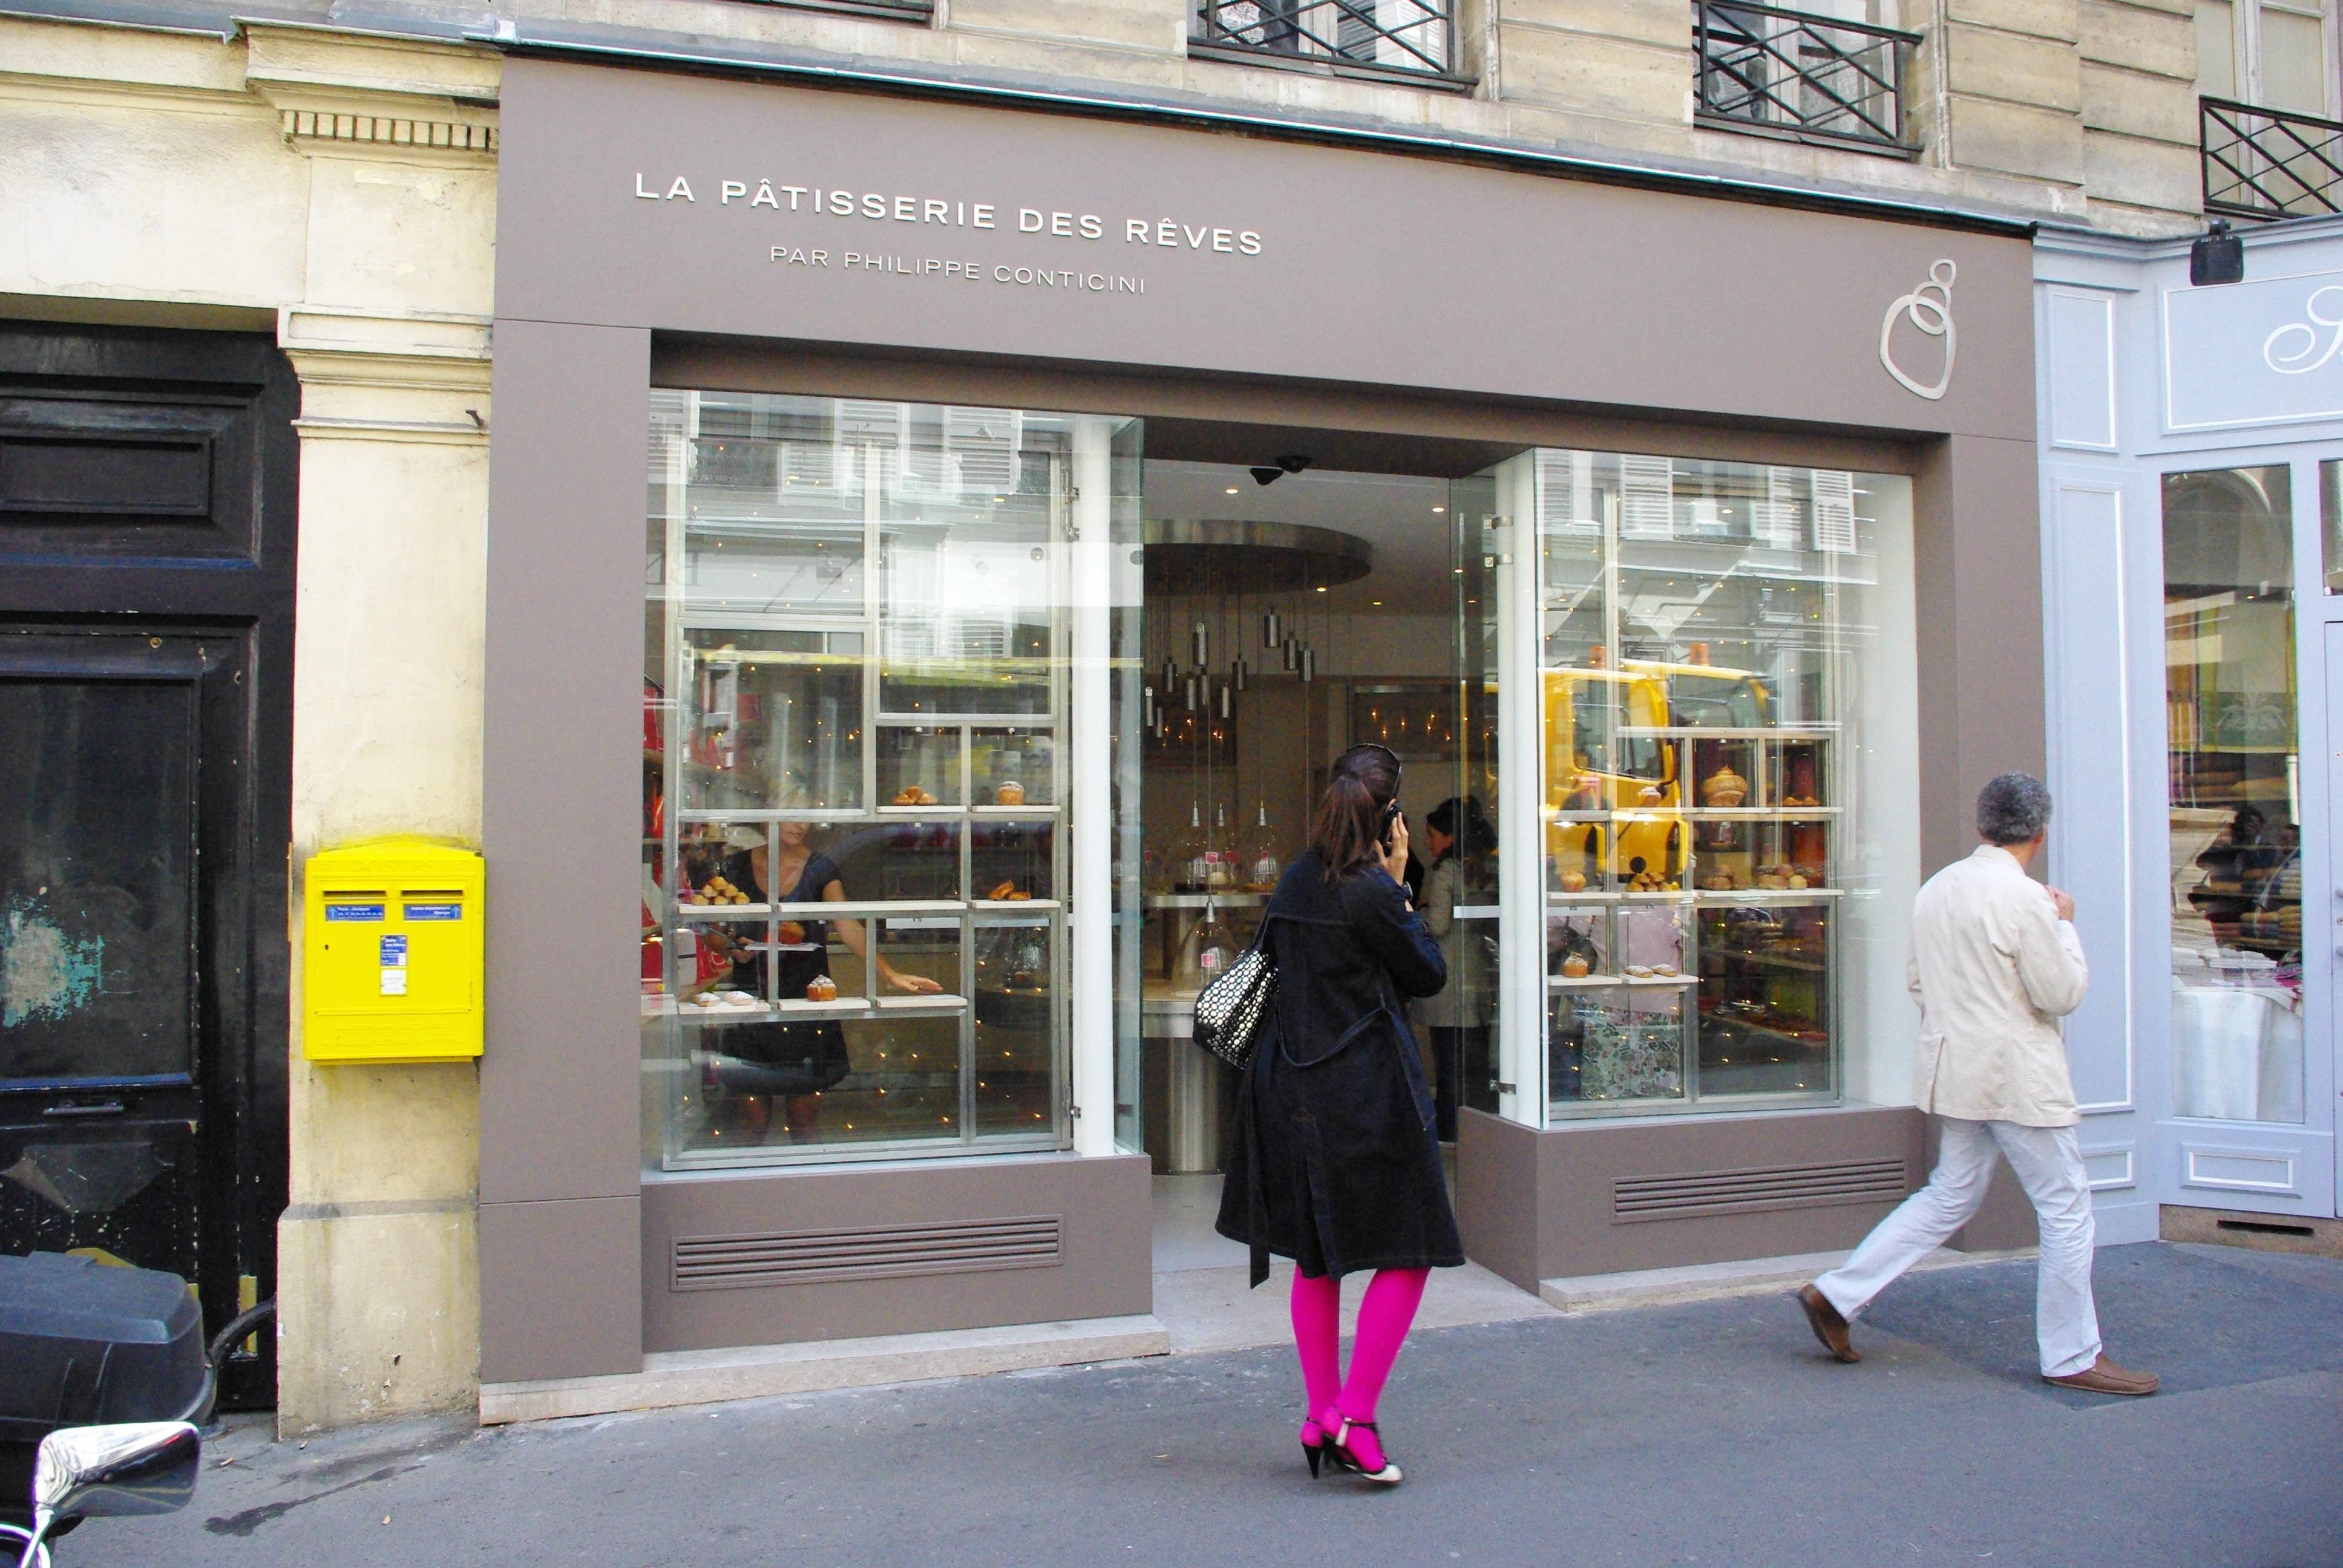 Patisserie des reves rue du bac - La patisserie des reves salon de the ...